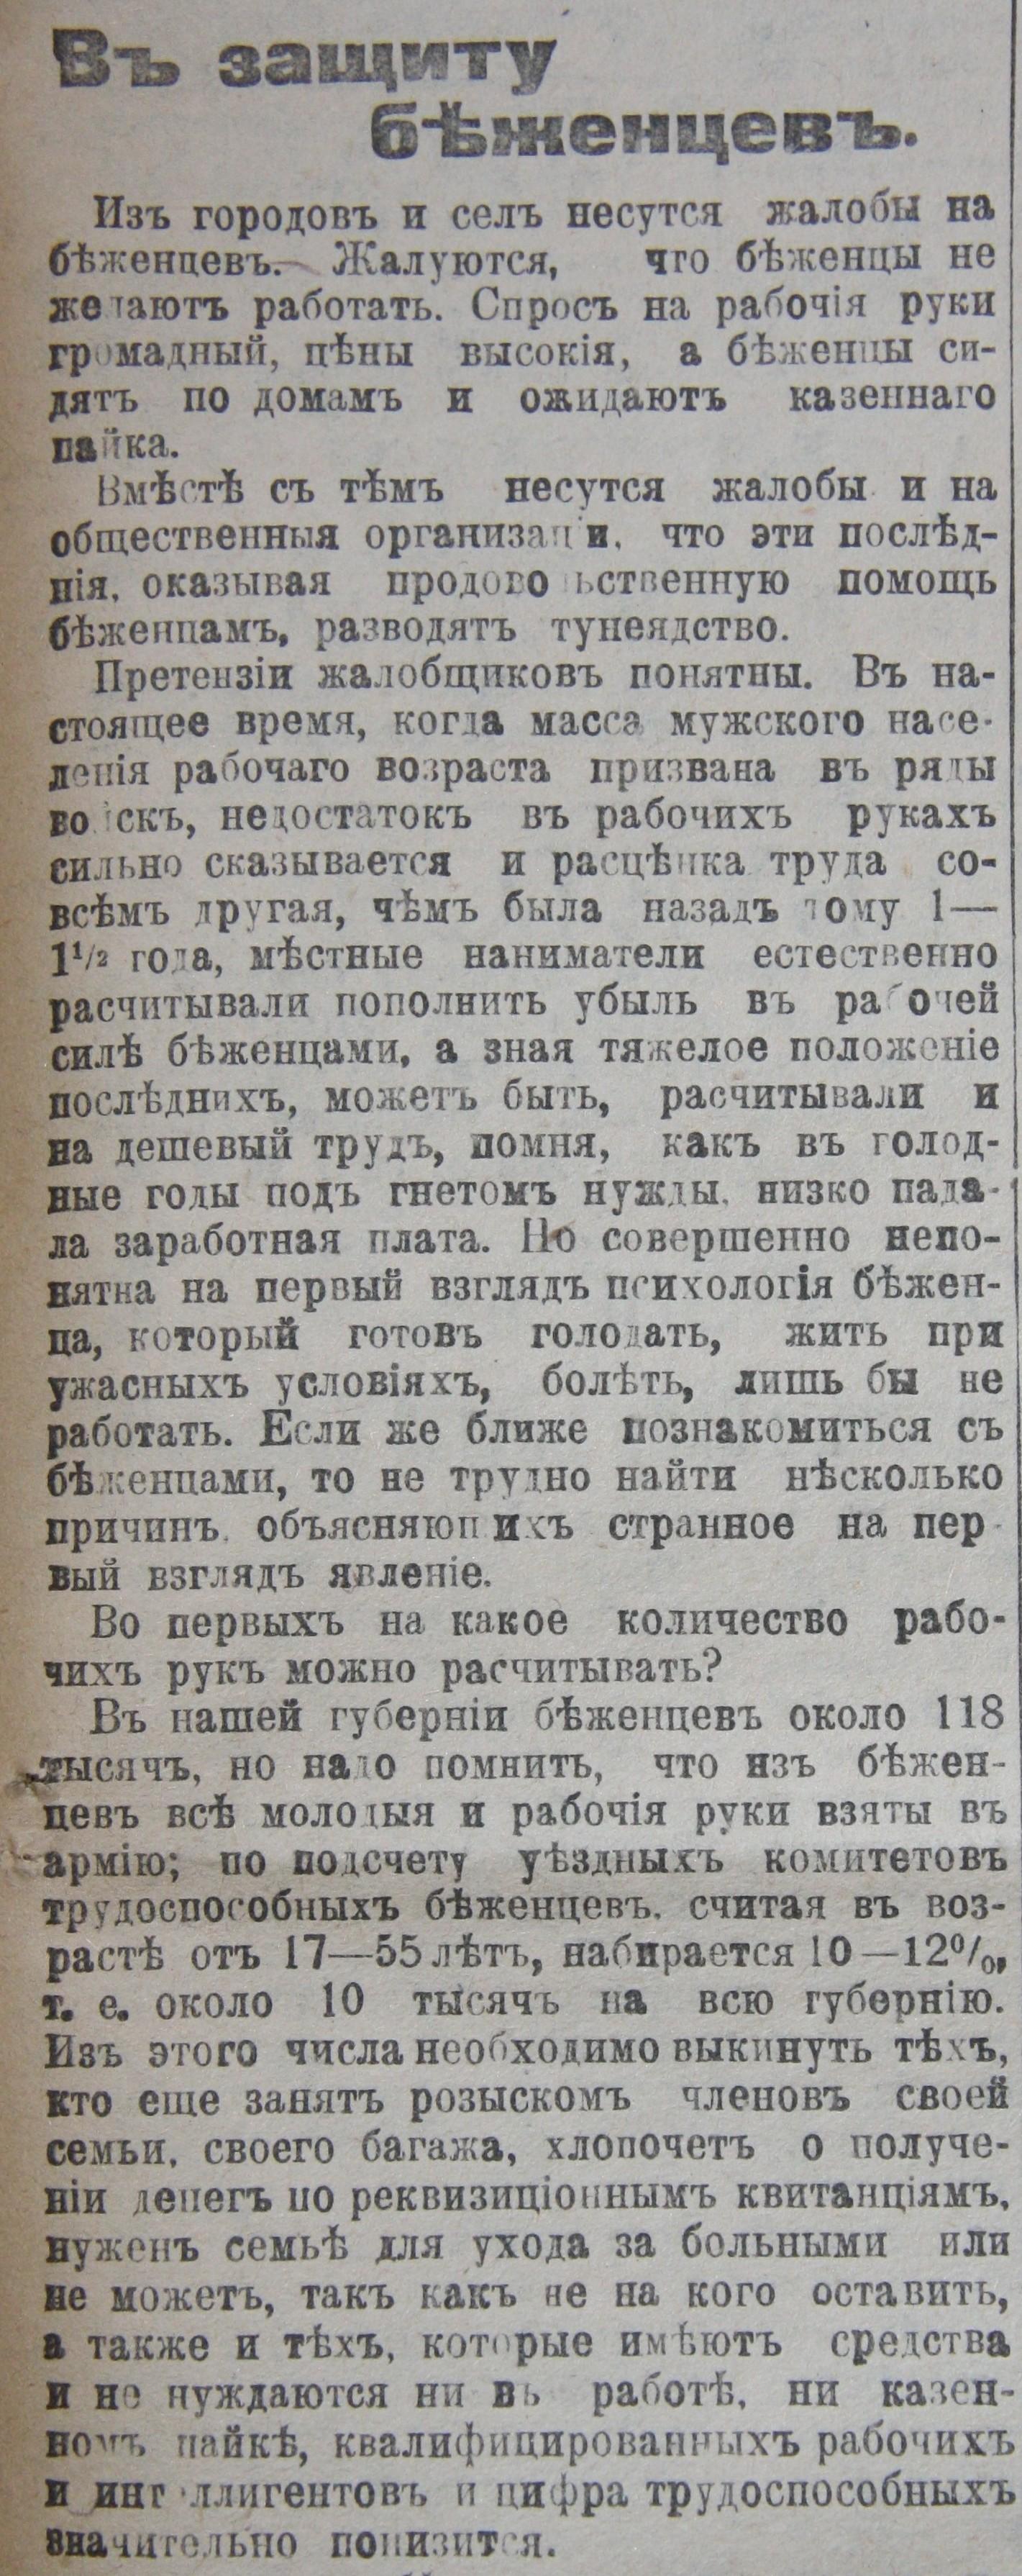 1916. Статья в «Защиту беженцев». Газета «Волжское слово»,6 февраля